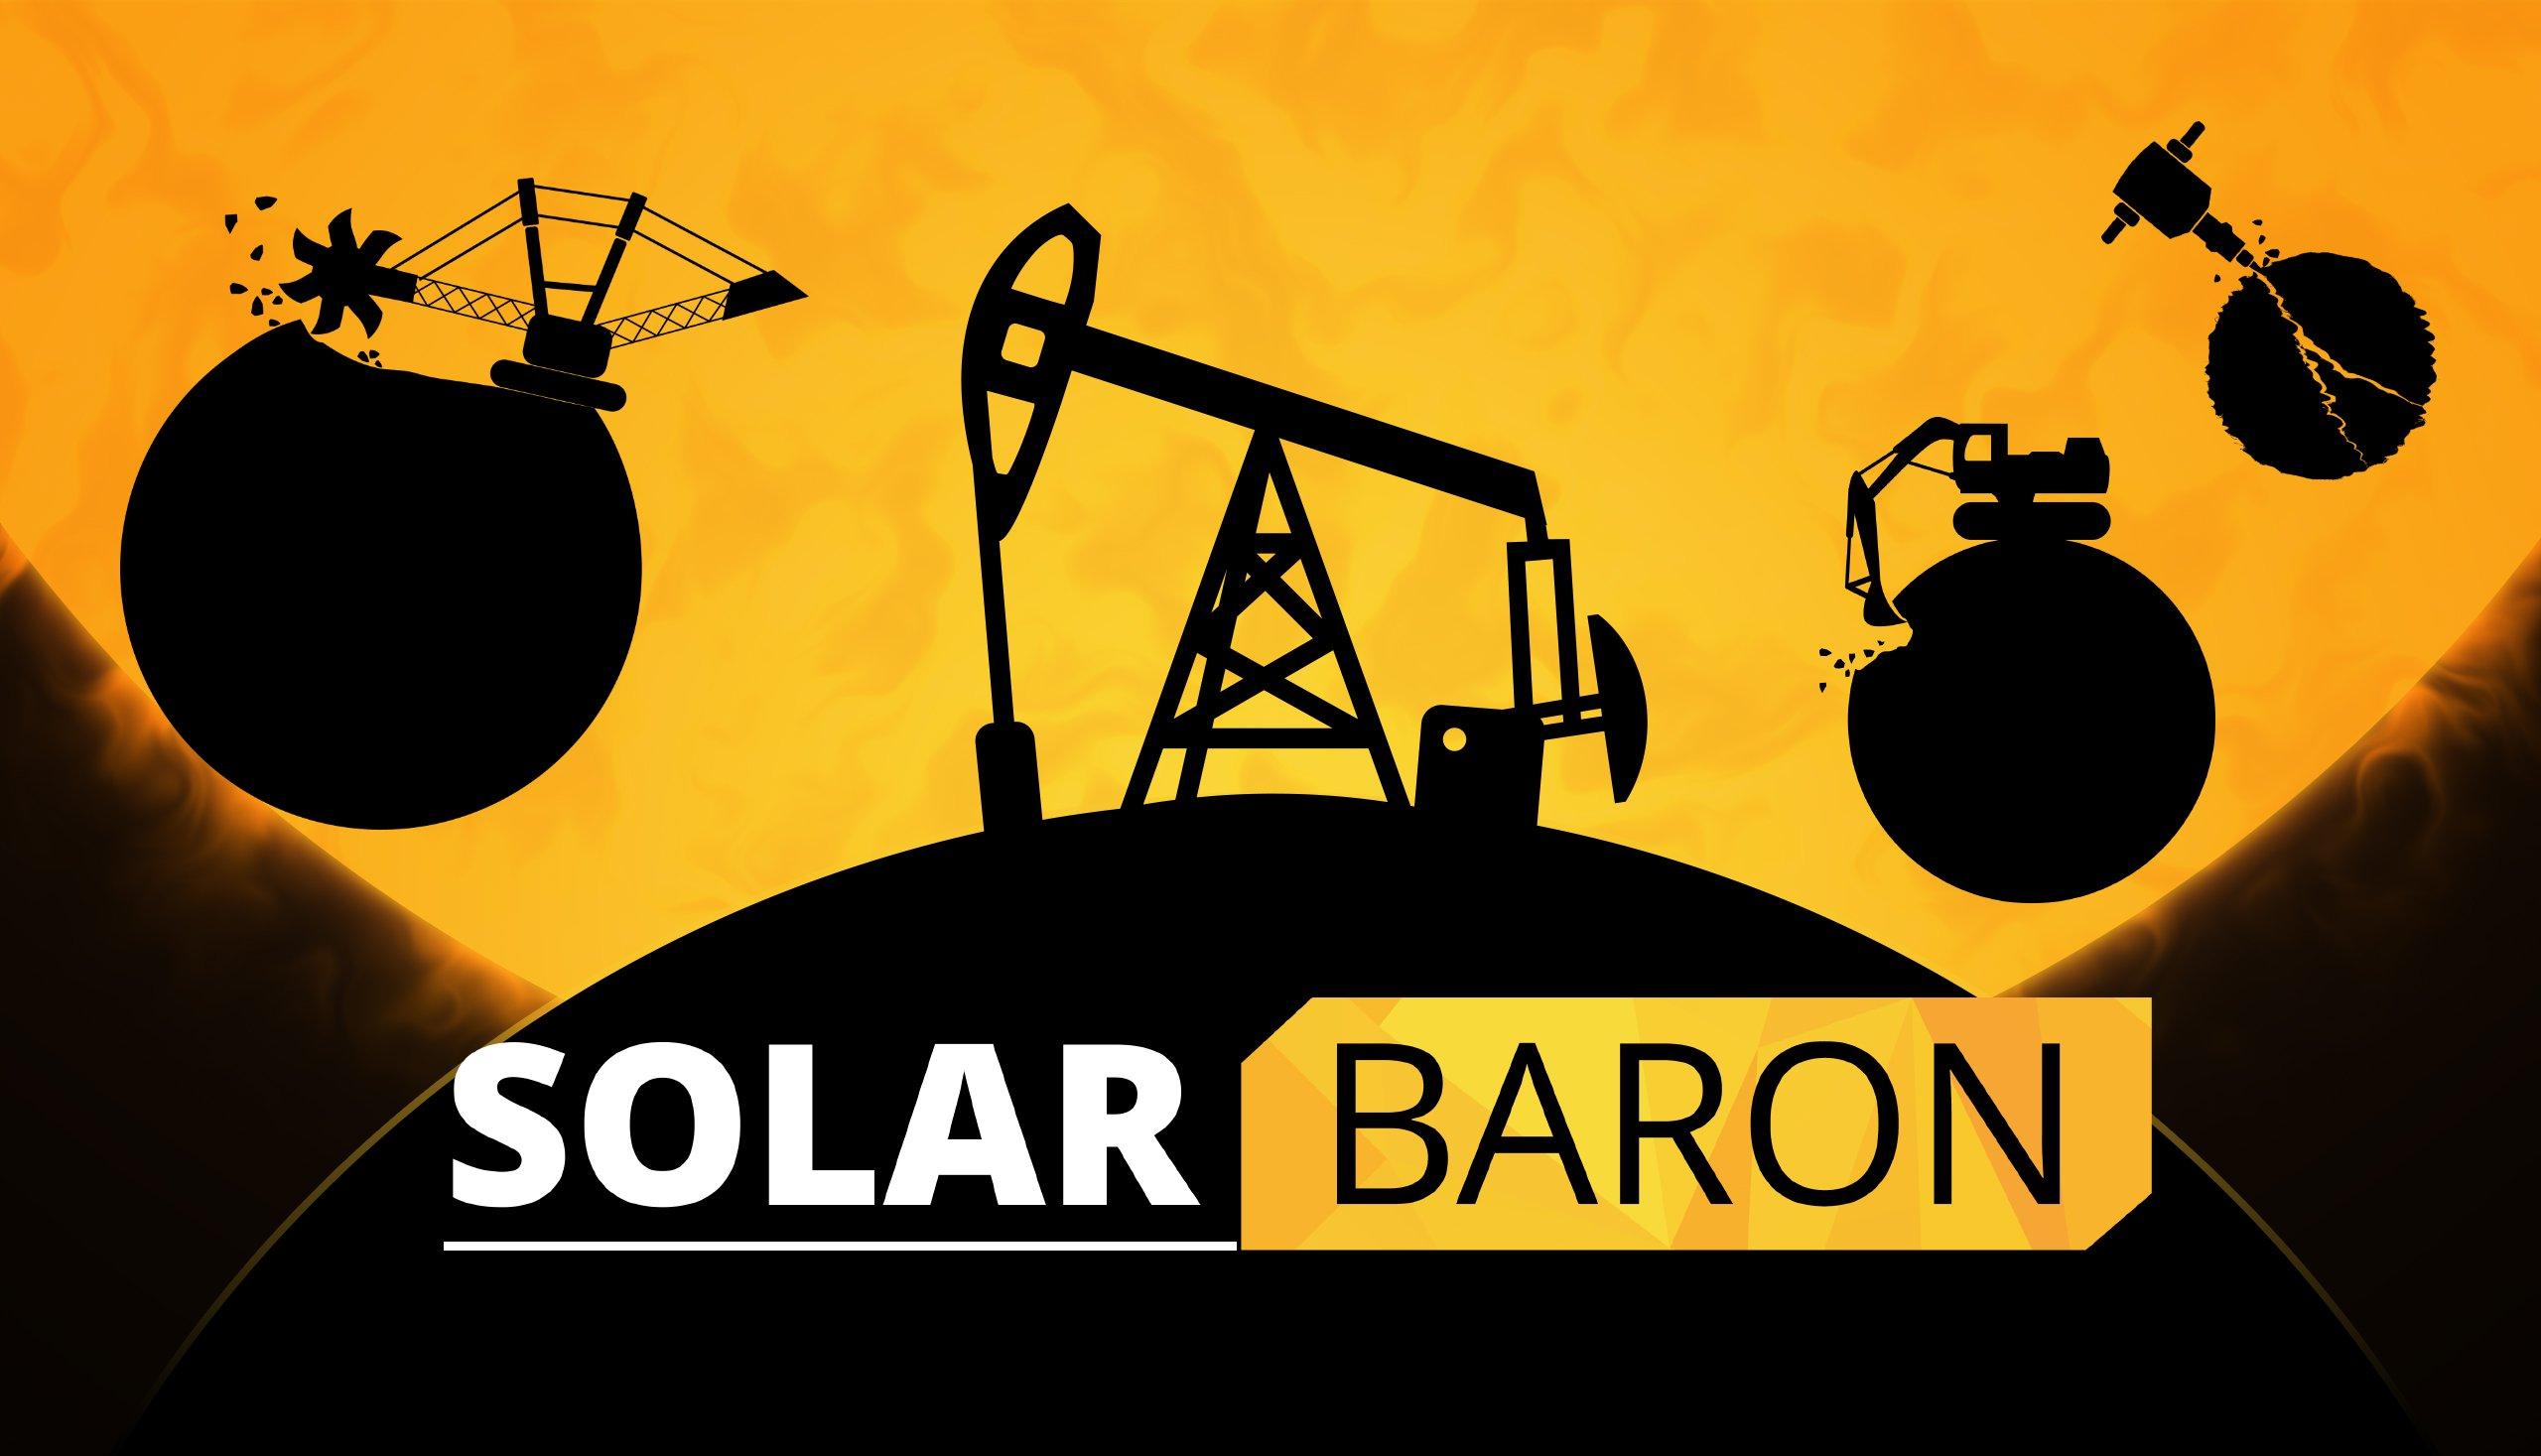 Solar Baron